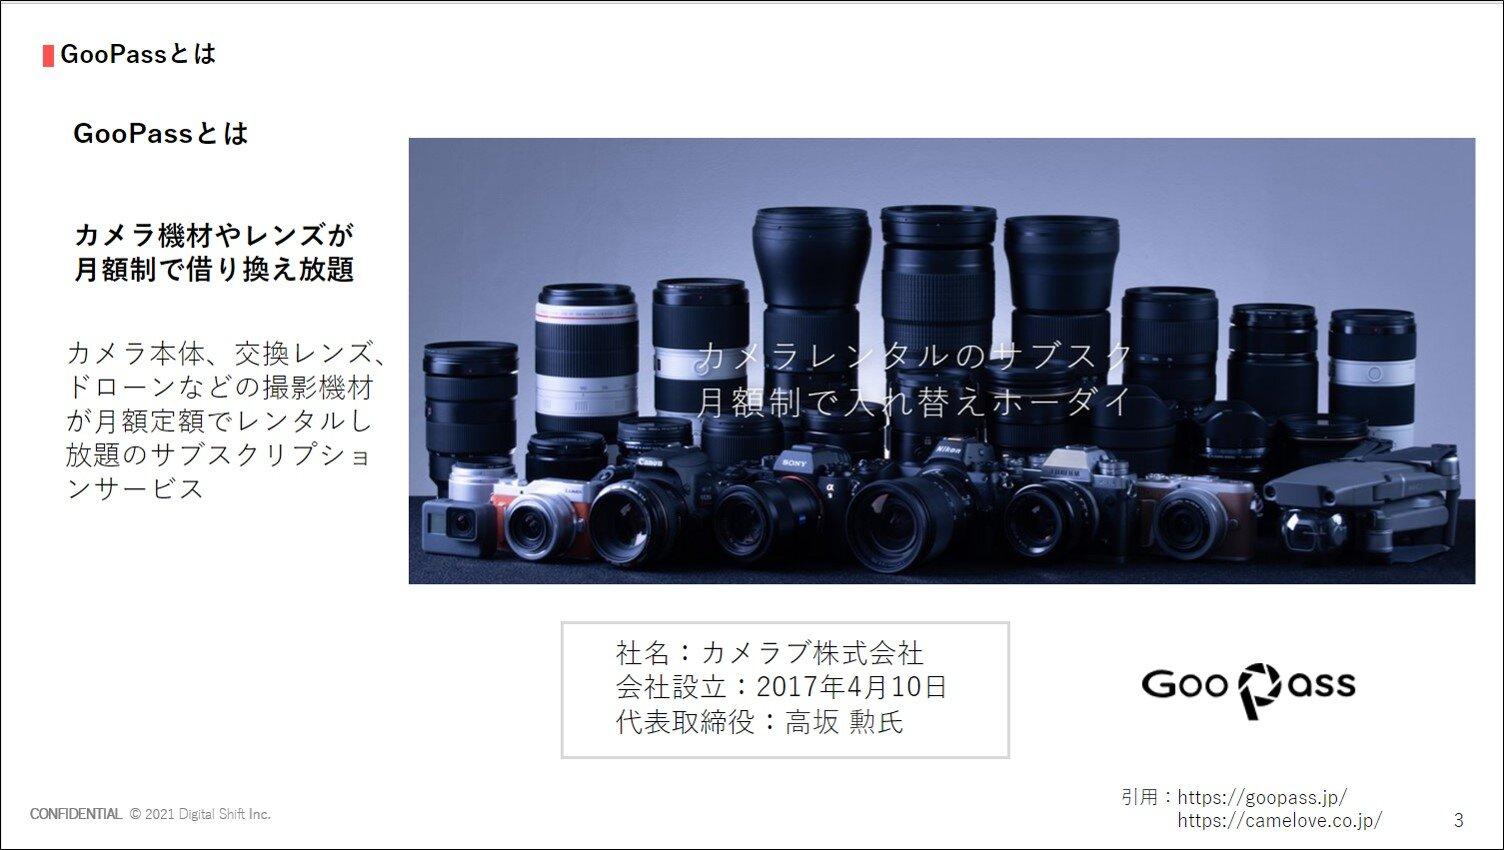 【事例】カメラ機材やレンズのサブスクリプション「GooPass」